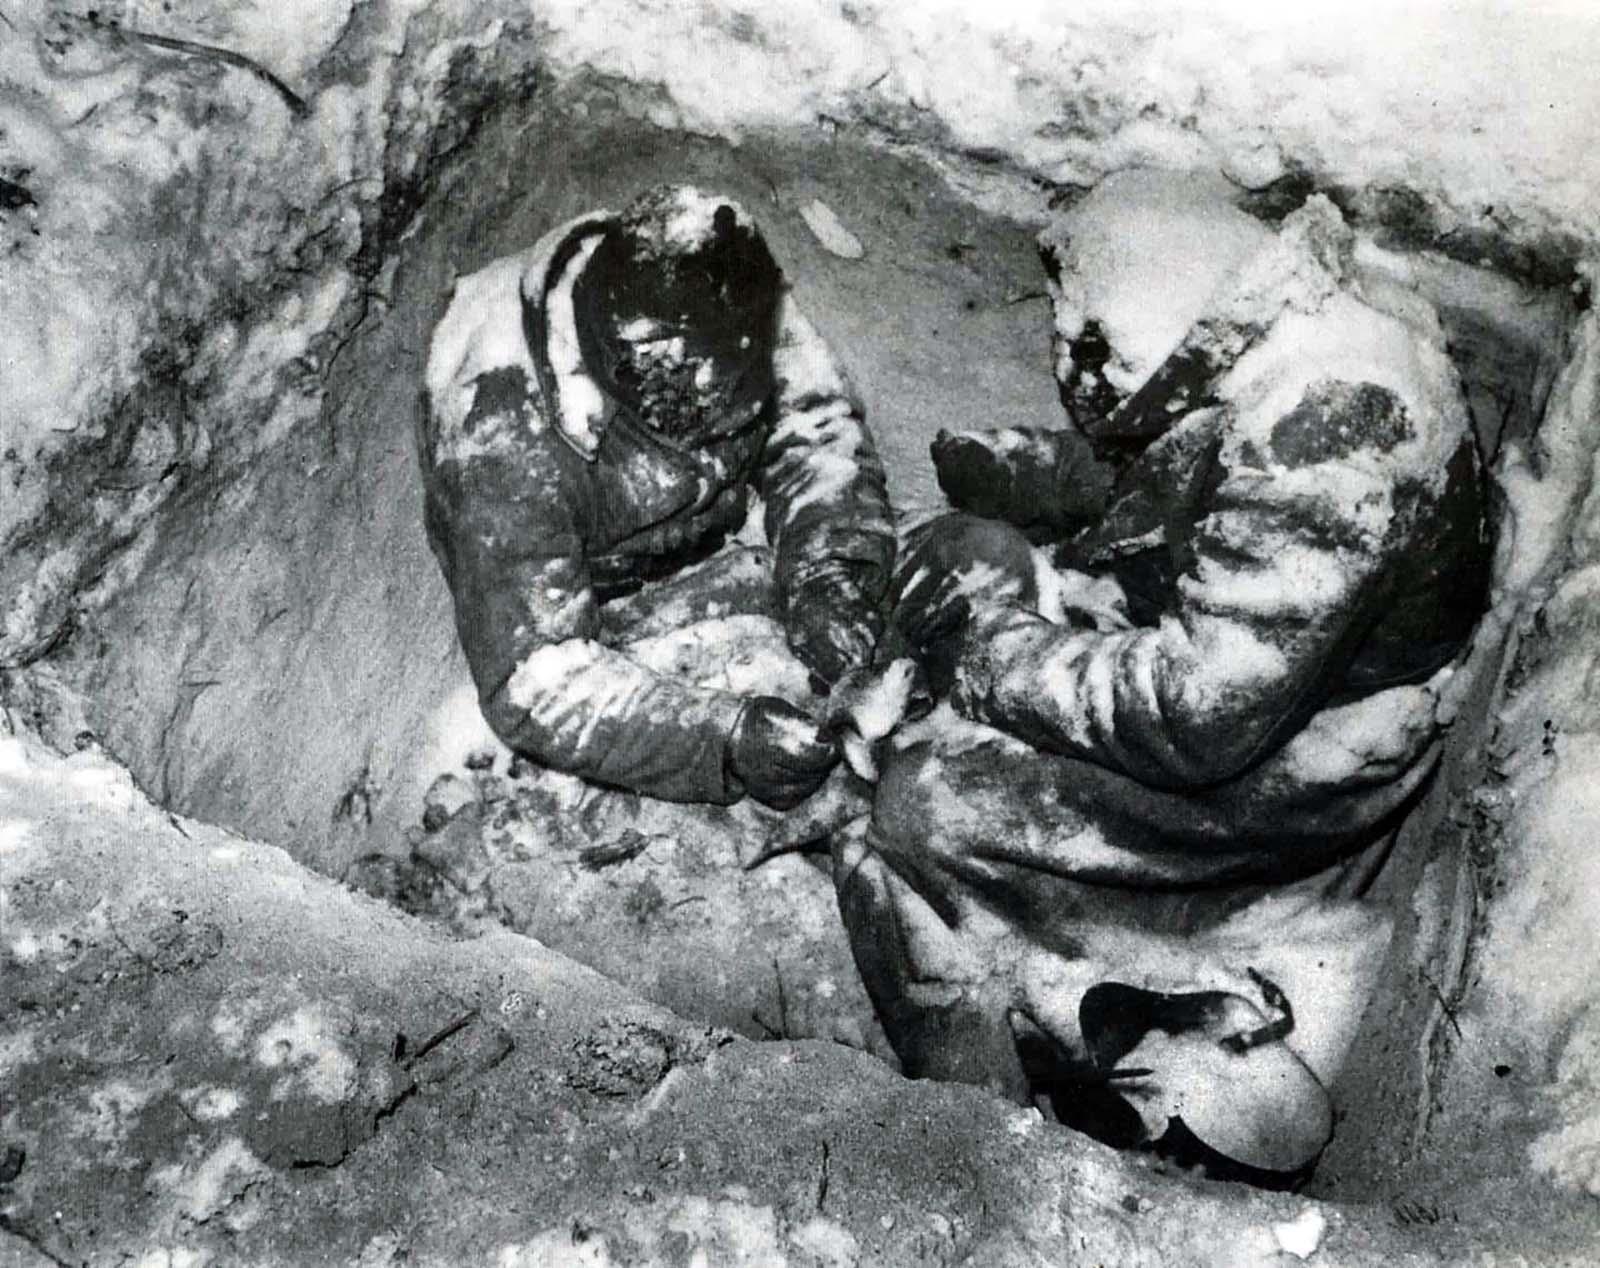 Deux fantassins Soviétiques gelé à mort dans leur trou, 1940